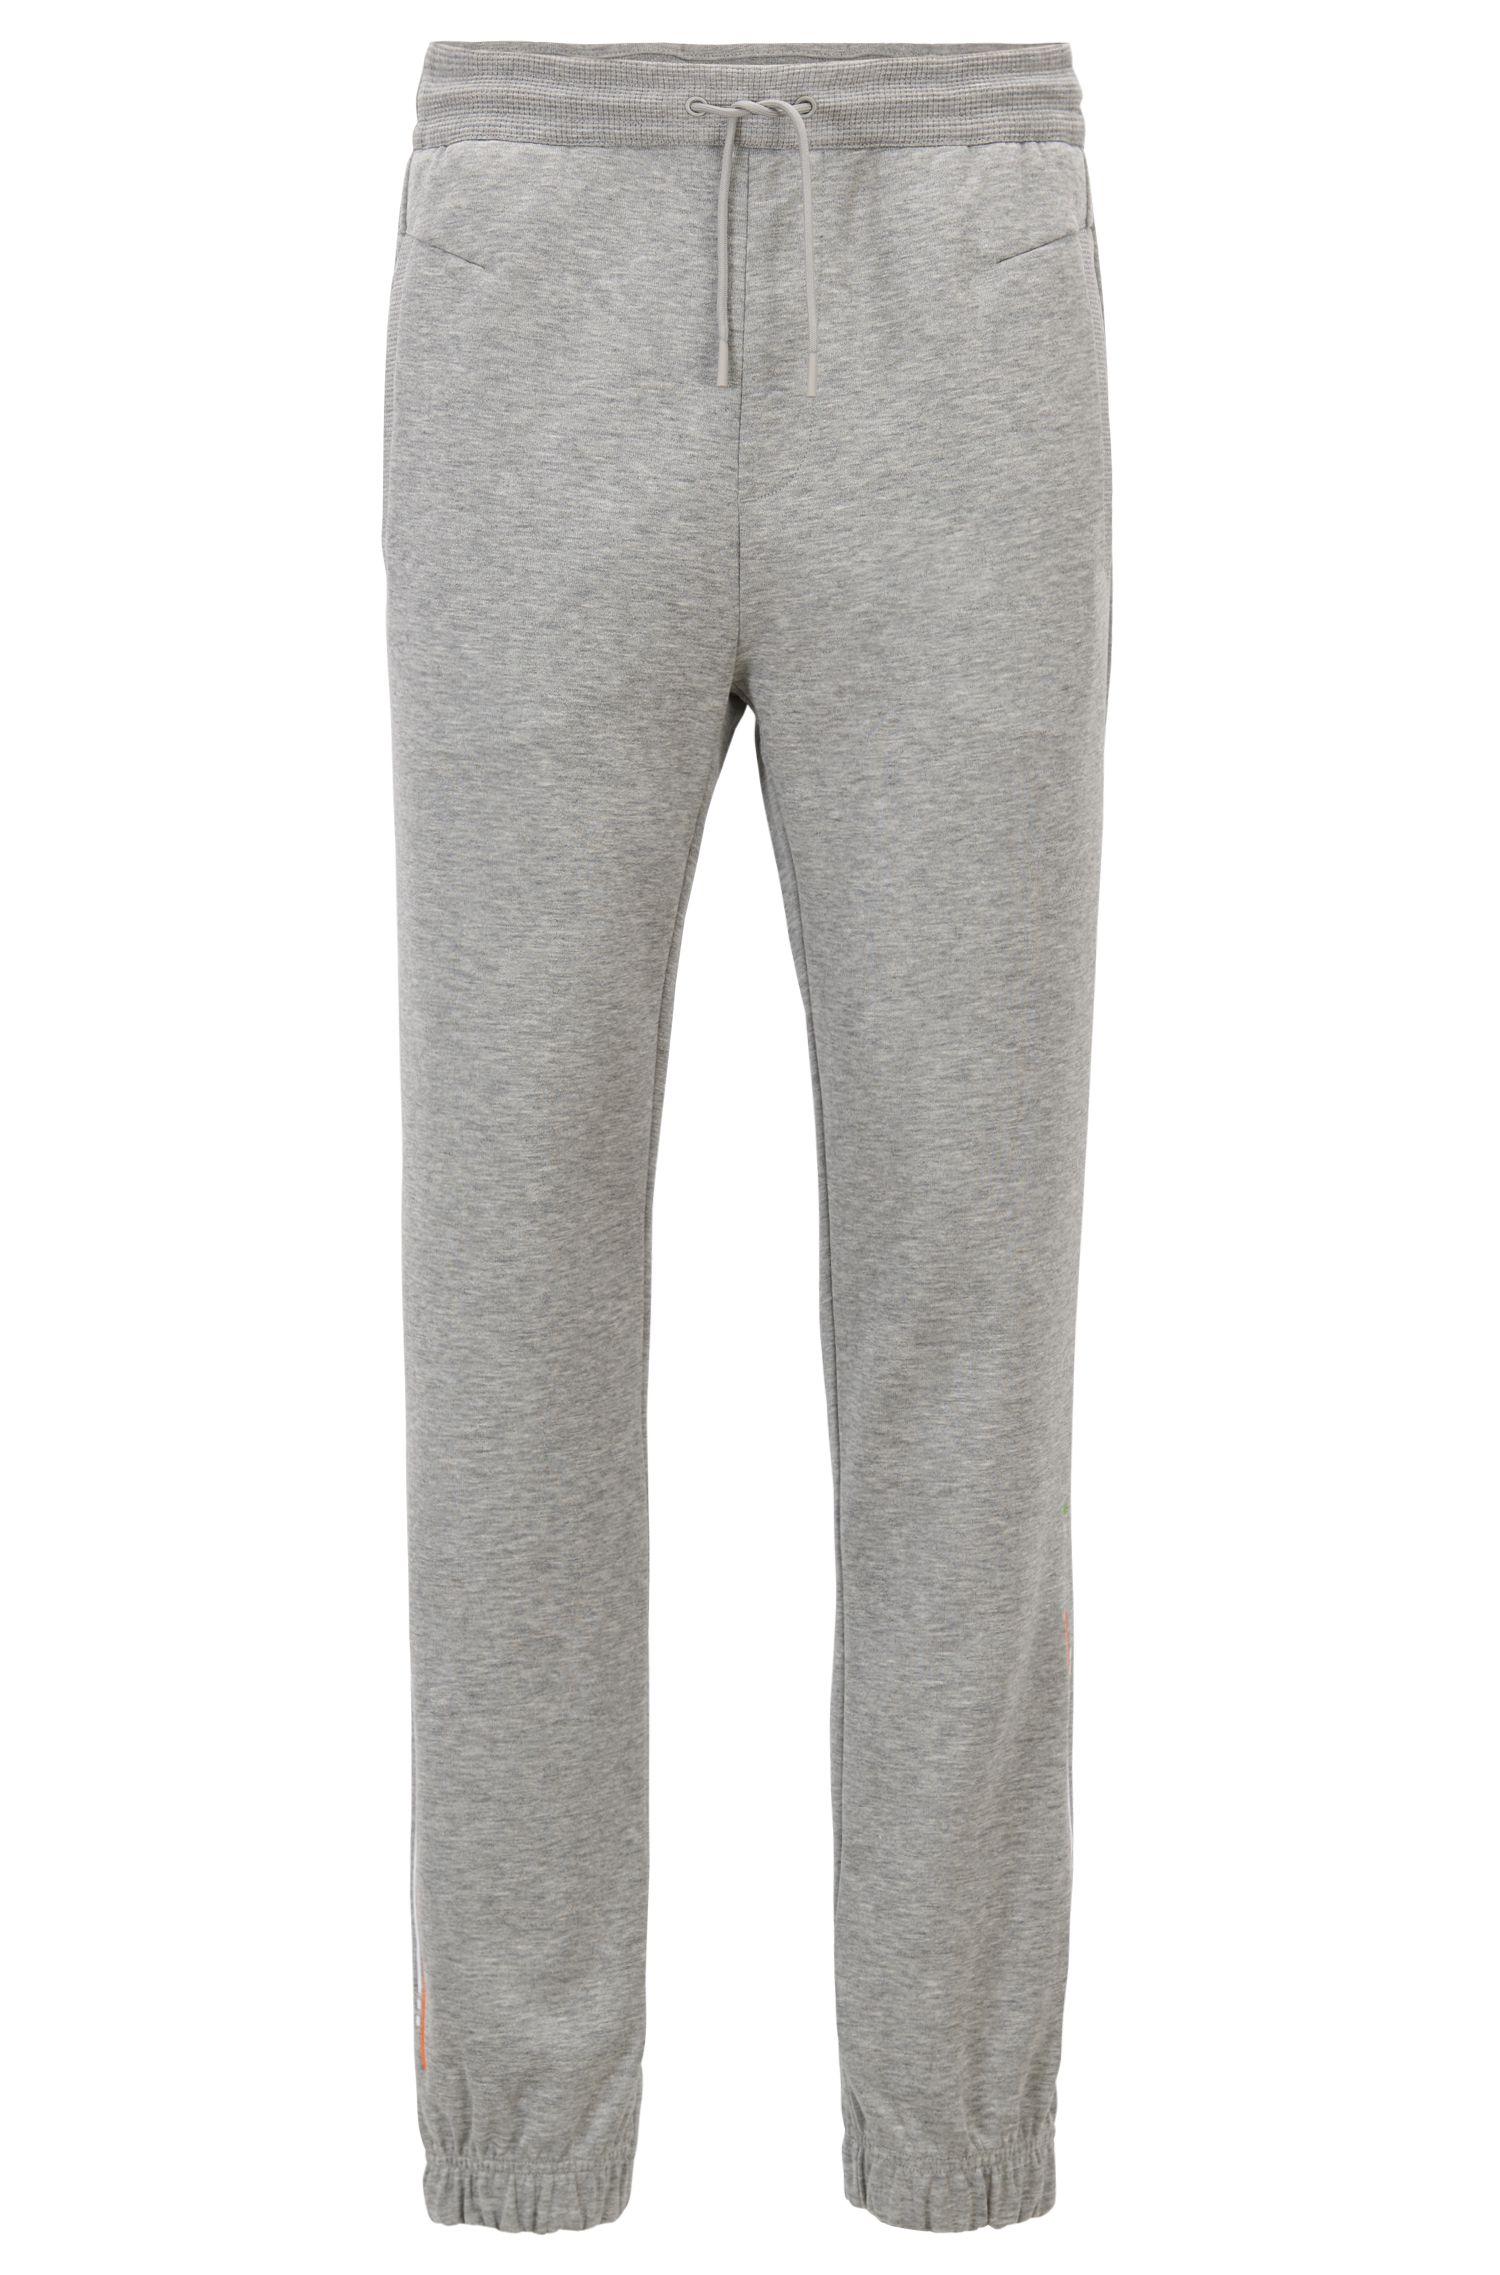 Pantalones de chándal slim fit con puños y raya bordada, Gris claro